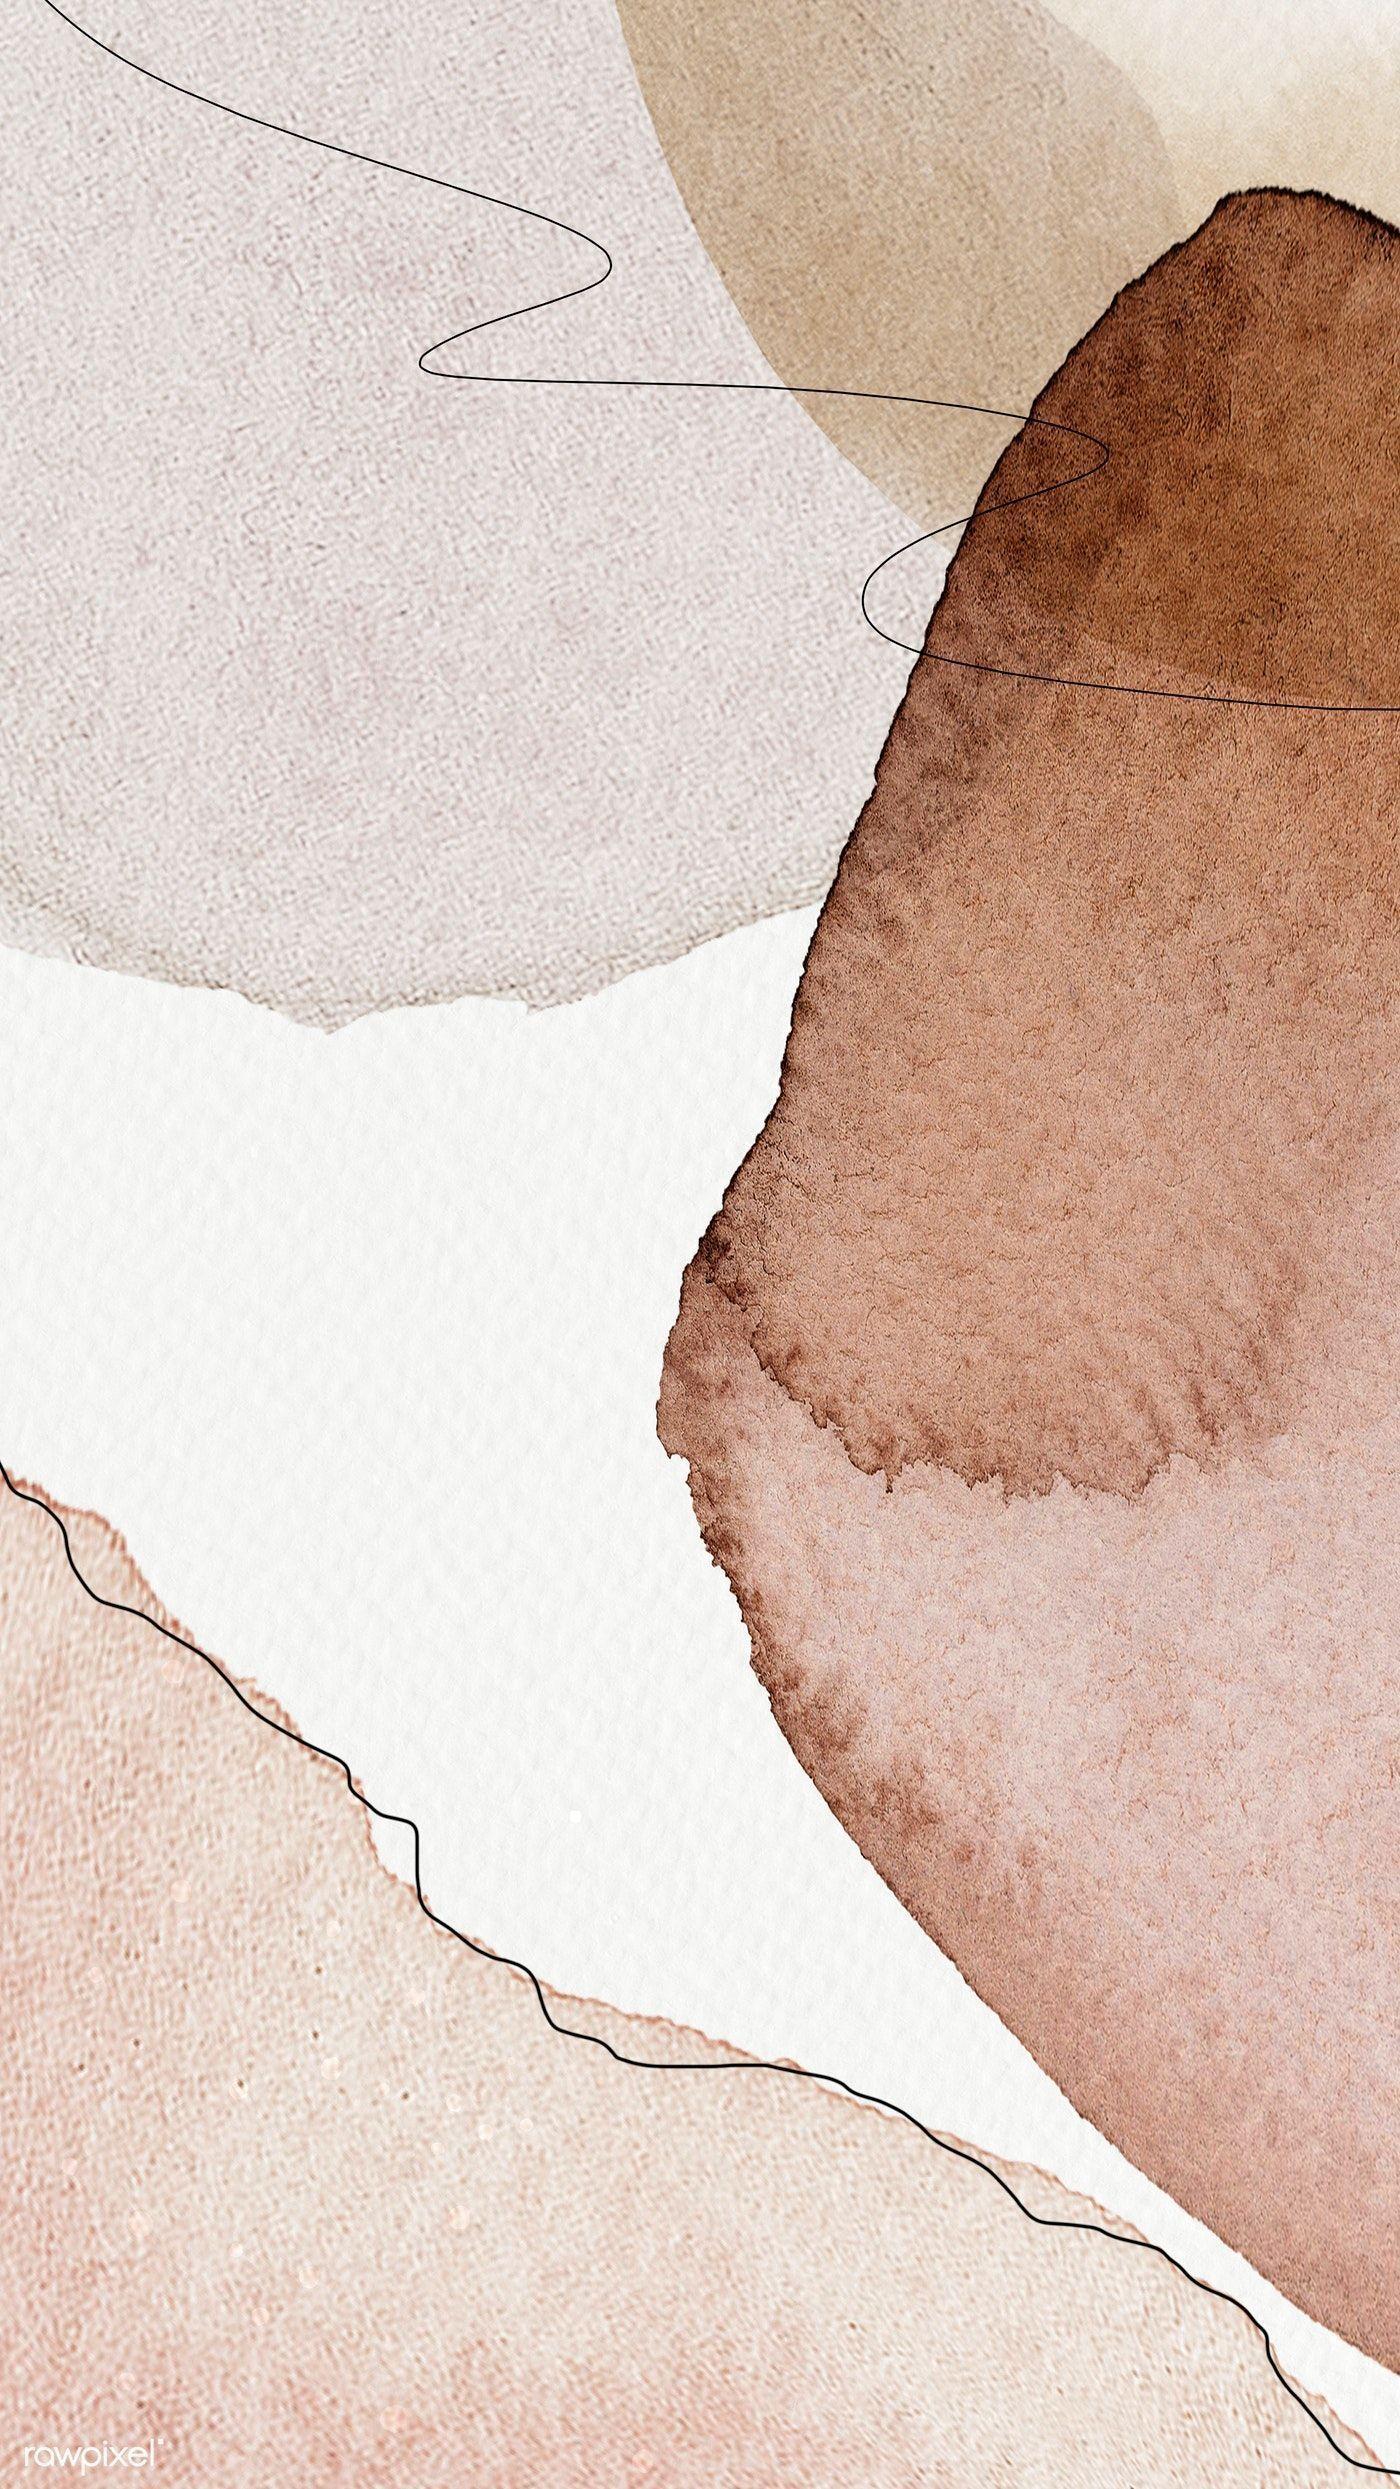 Download Premium-Darstellung der Erde Ton abstrakte Malerei Handy